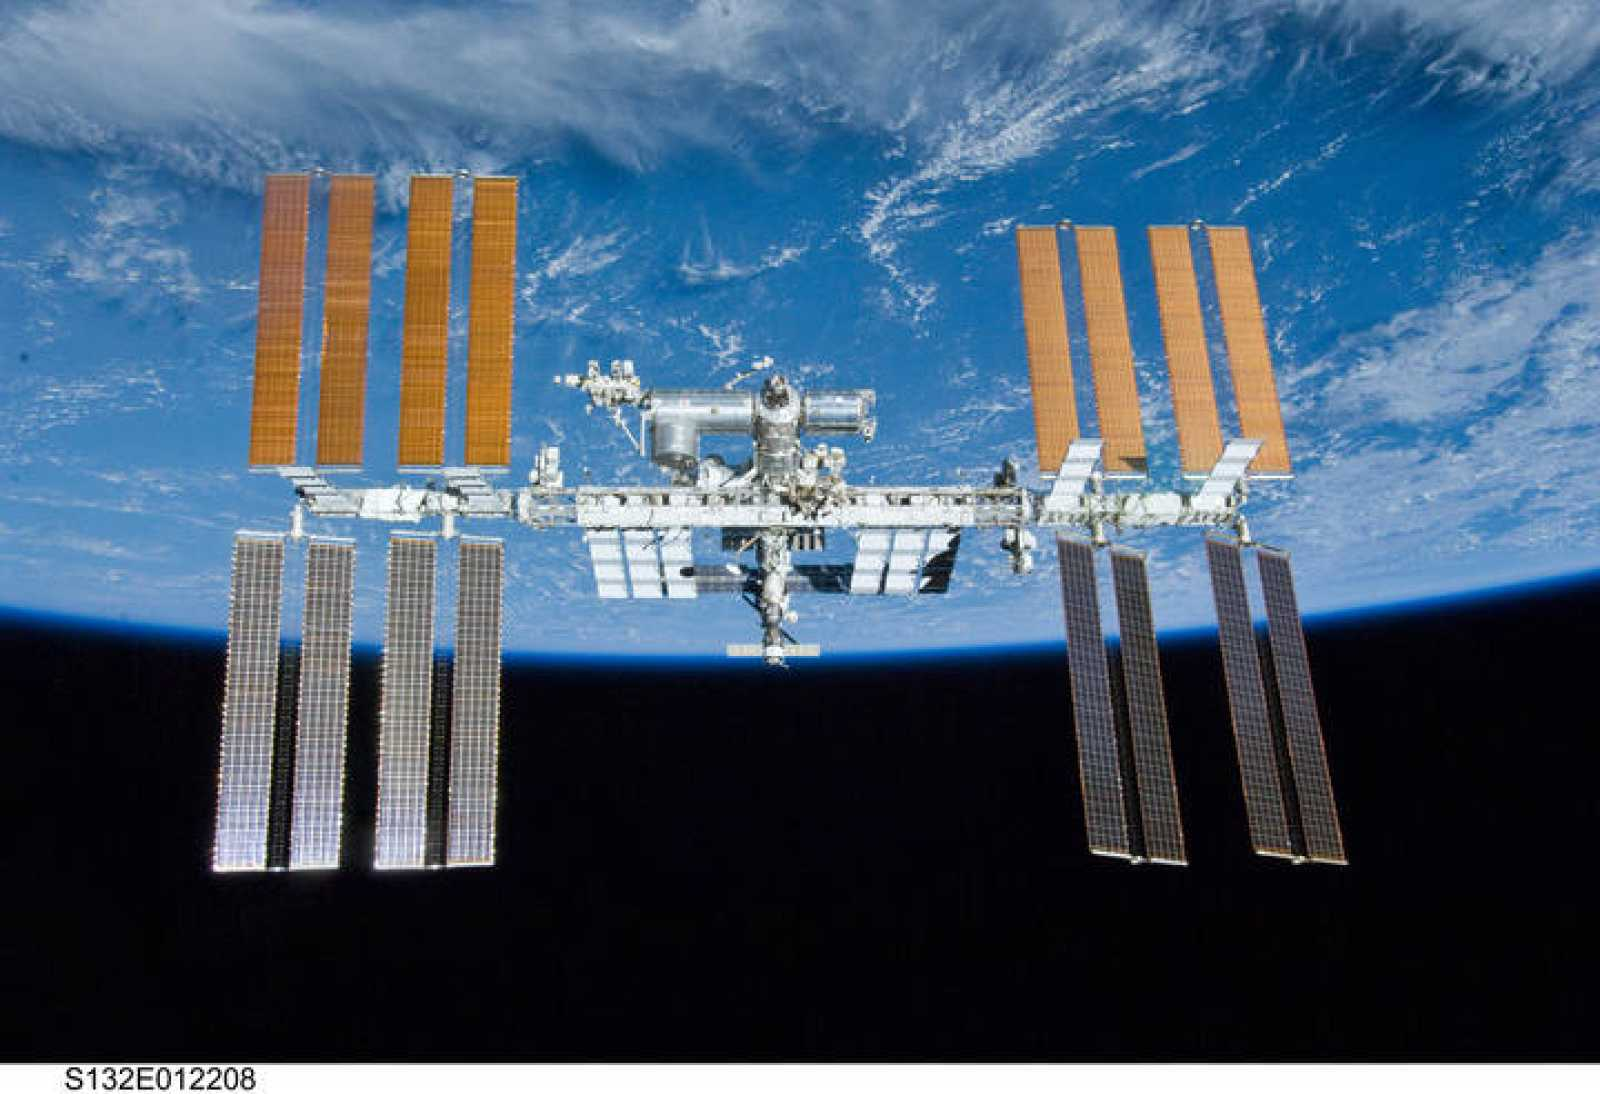 La Estación Espacial Internacional en su configuración actual, tras la visita del Atlantis en la misión STS-132 en mayo de 2010